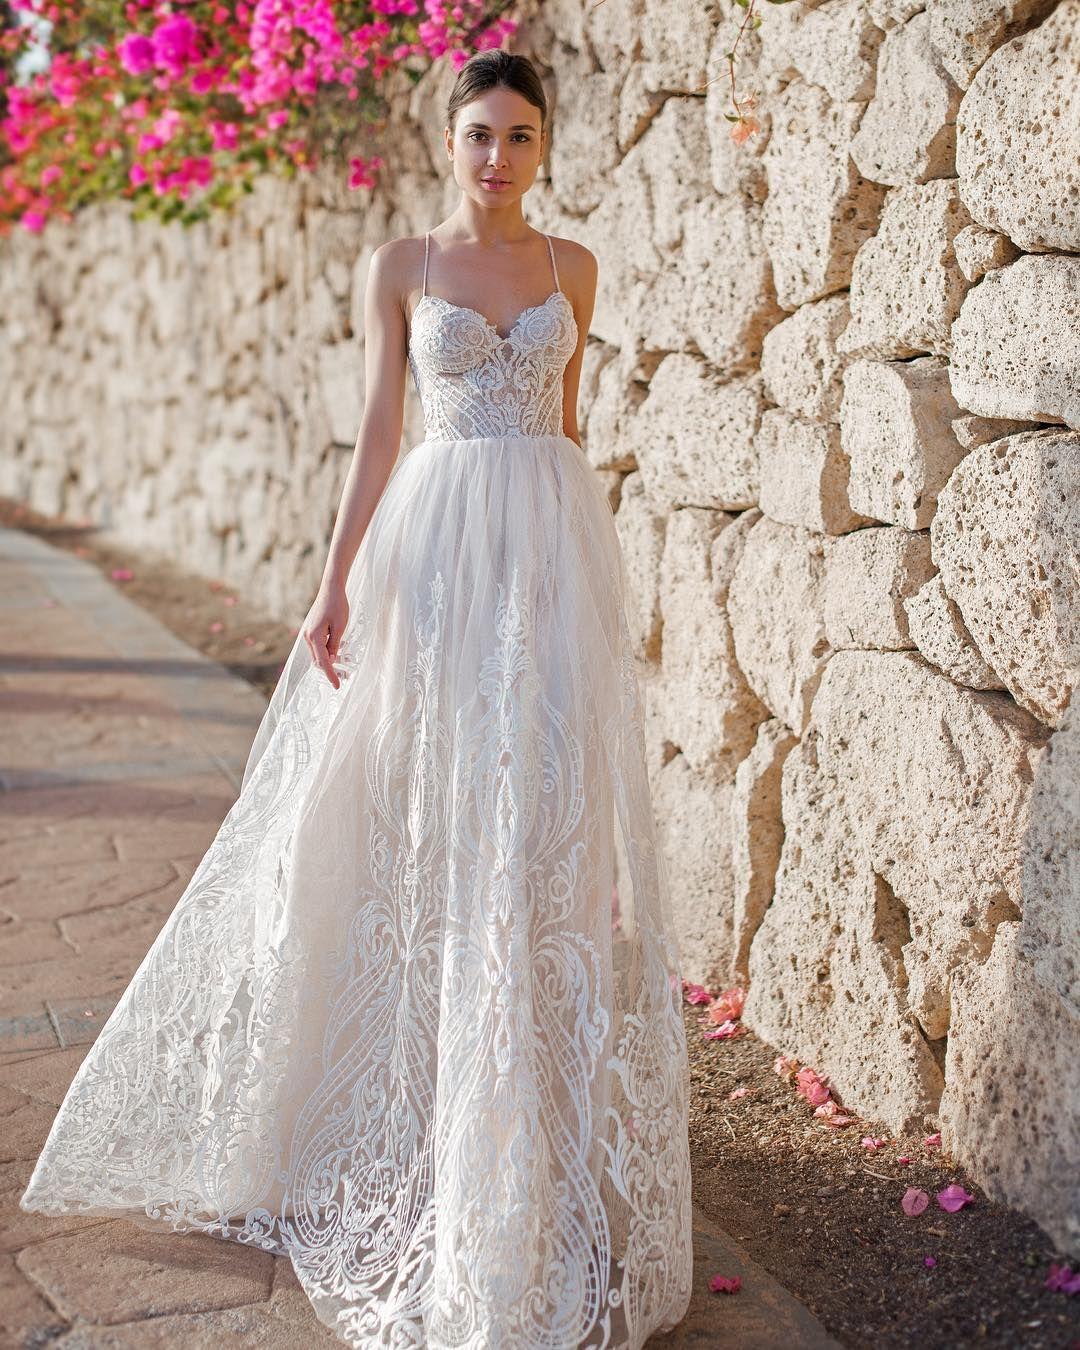 Hugedomains Com Summer Wedding Dress Wedding Dresses Designer Wedding Dresses [ 1350 x 1080 Pixel ]